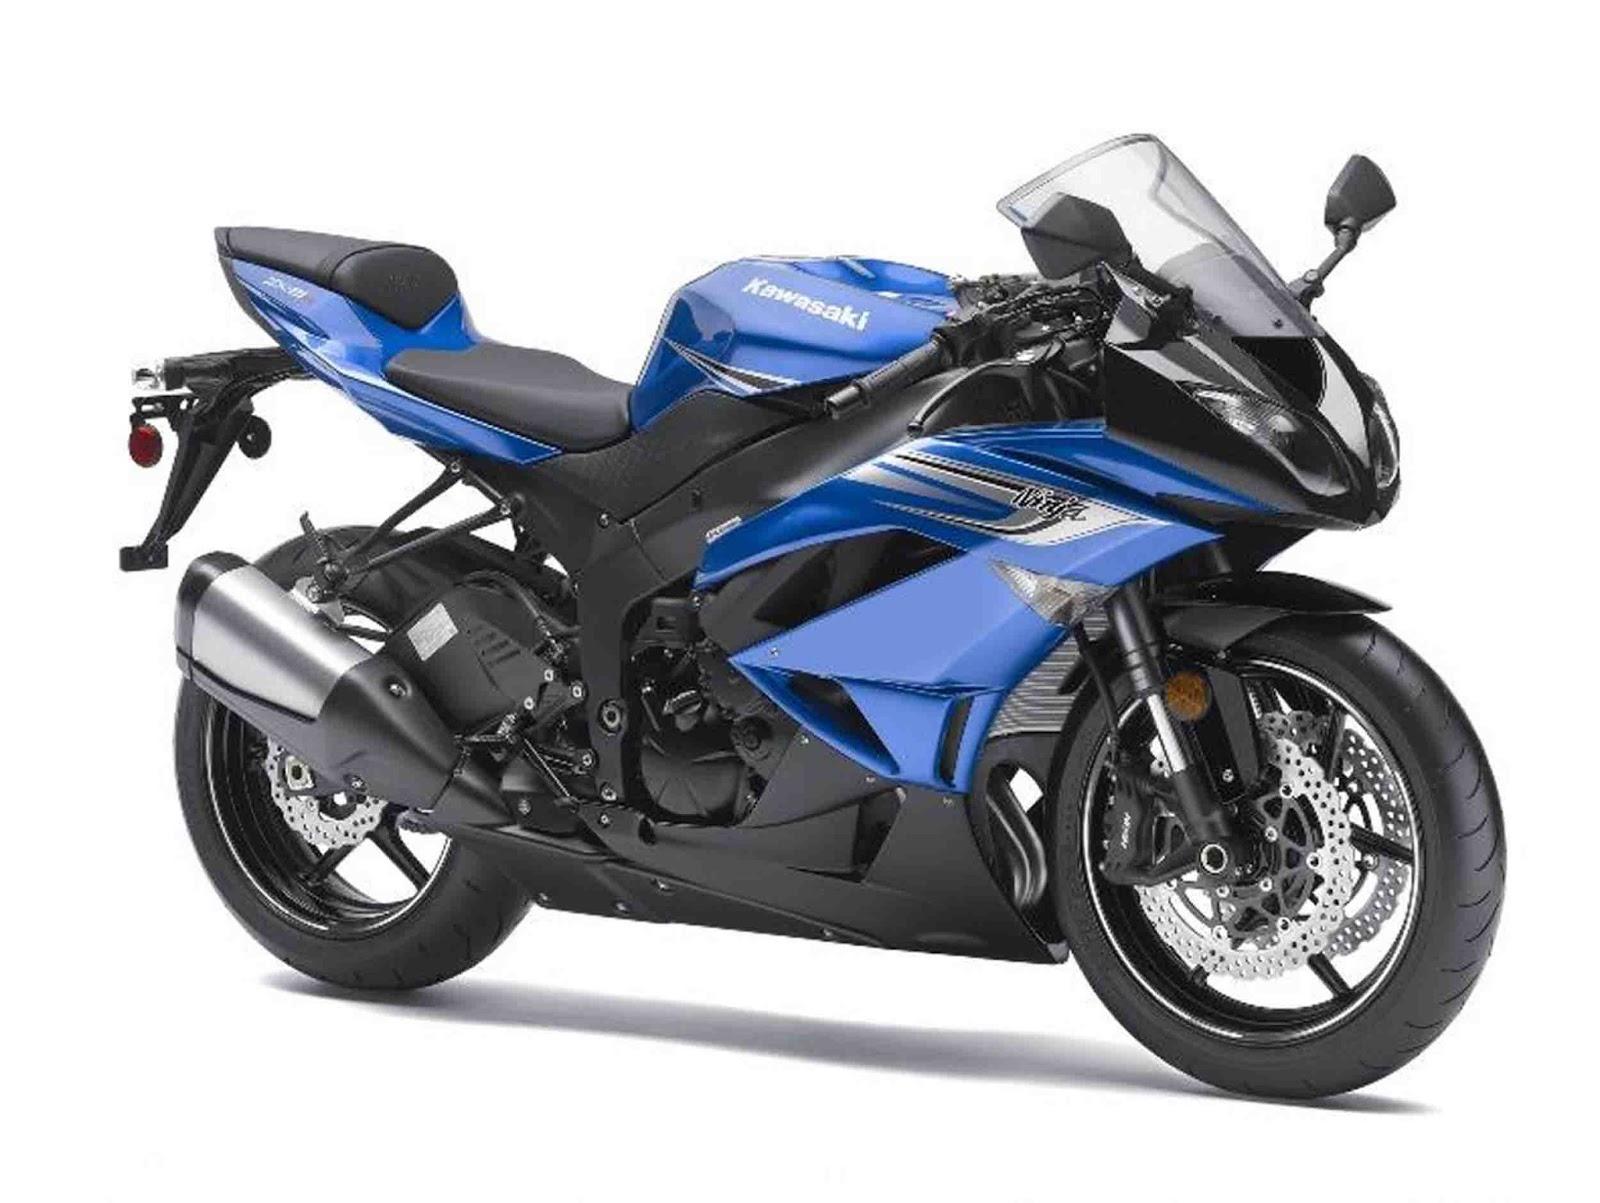 Kawasaki Motor Bikes 2012 Kawasaki Ninja Zx 6r